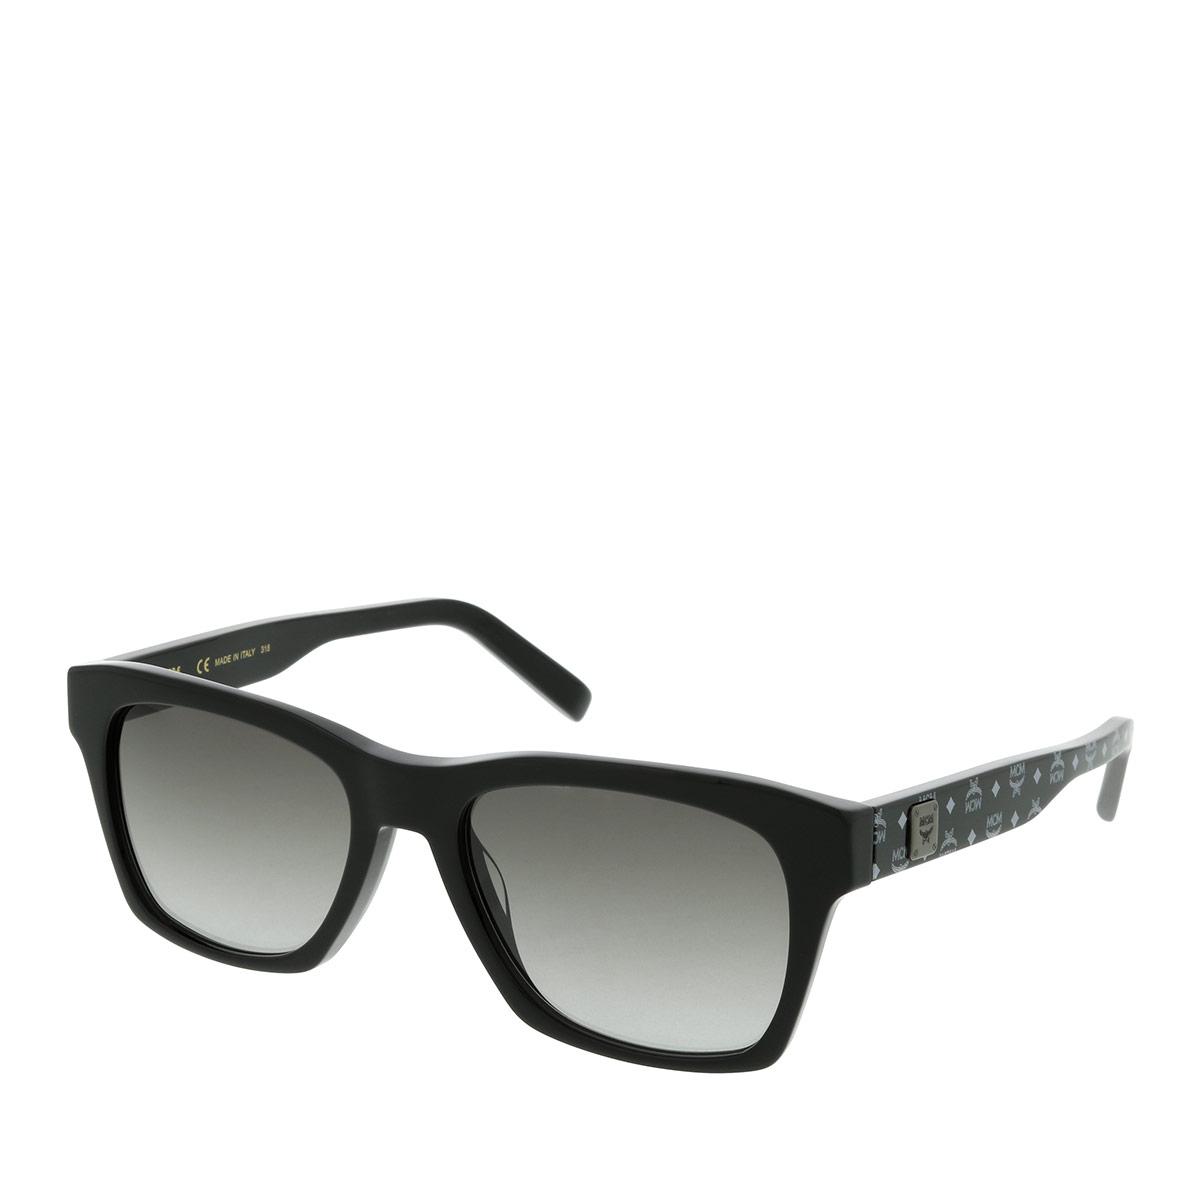 MCM Sonnenbrille - MCM663S Black/Black Visetos - in schwarz - für Damen